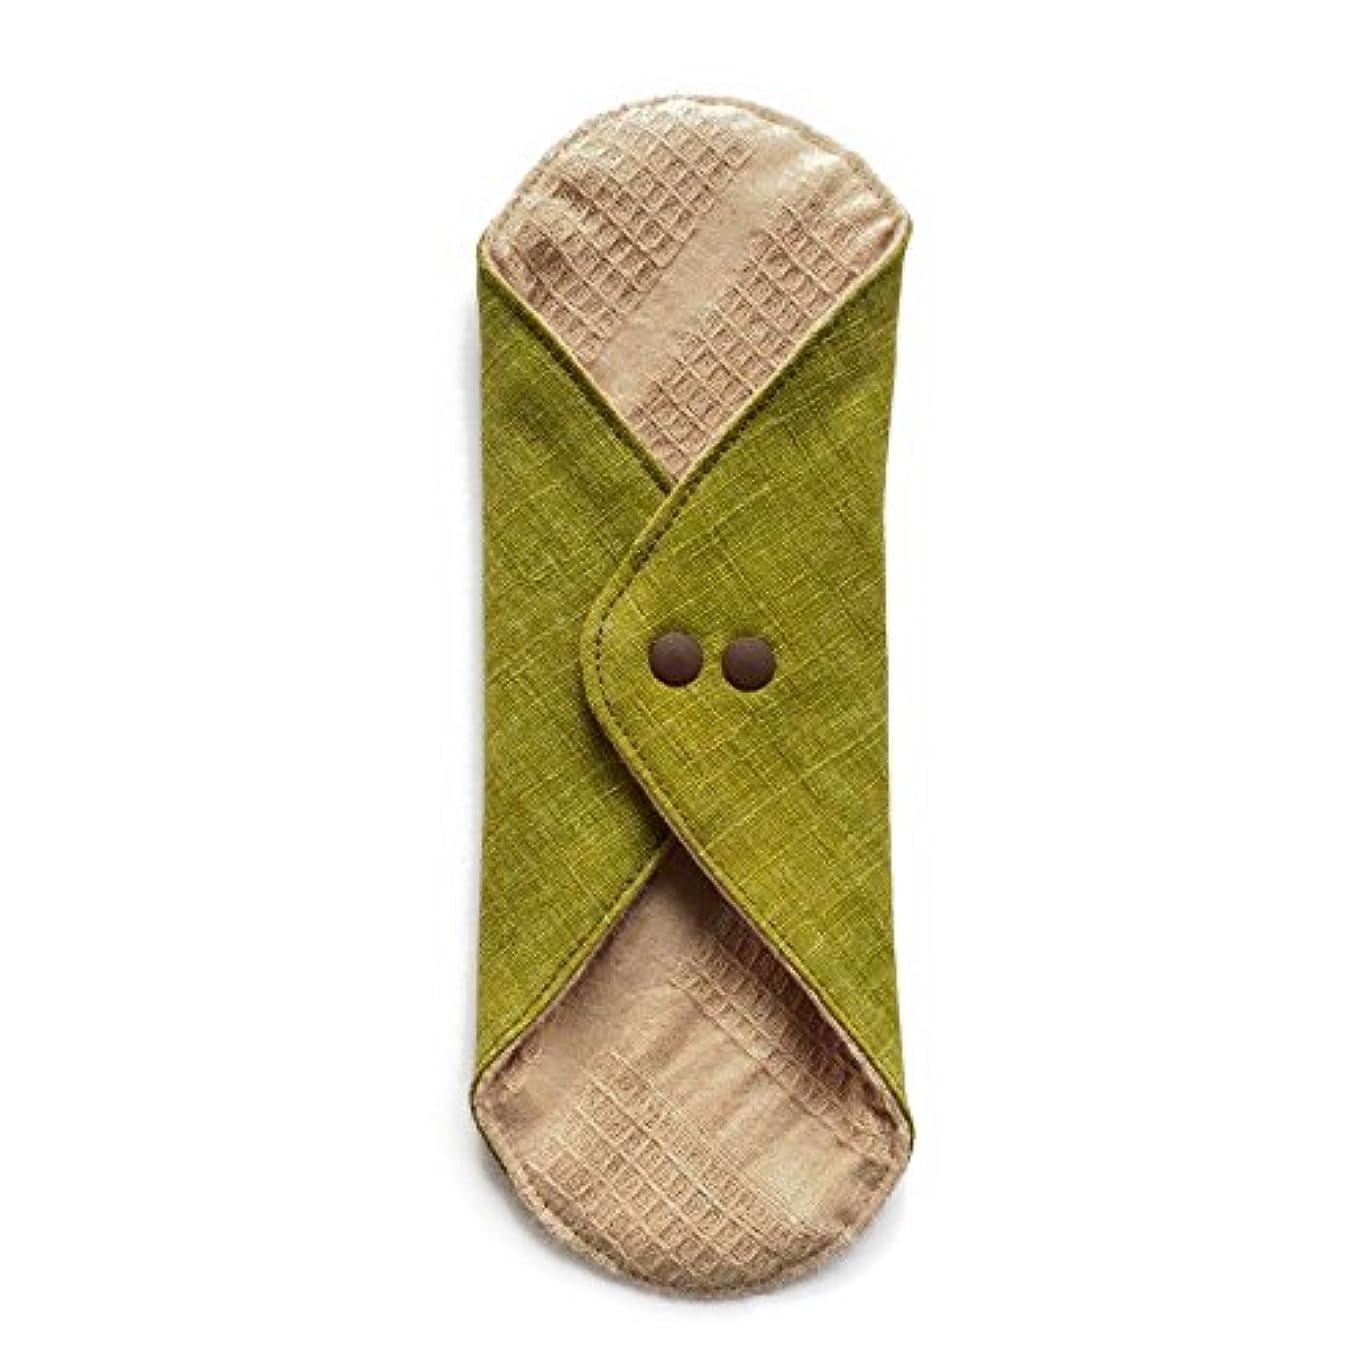 追加時系列無知華布のオーガニックコットンのあたため布 Lサイズ (約18×約20.5×約0.5cm) 彩り(抹茶)